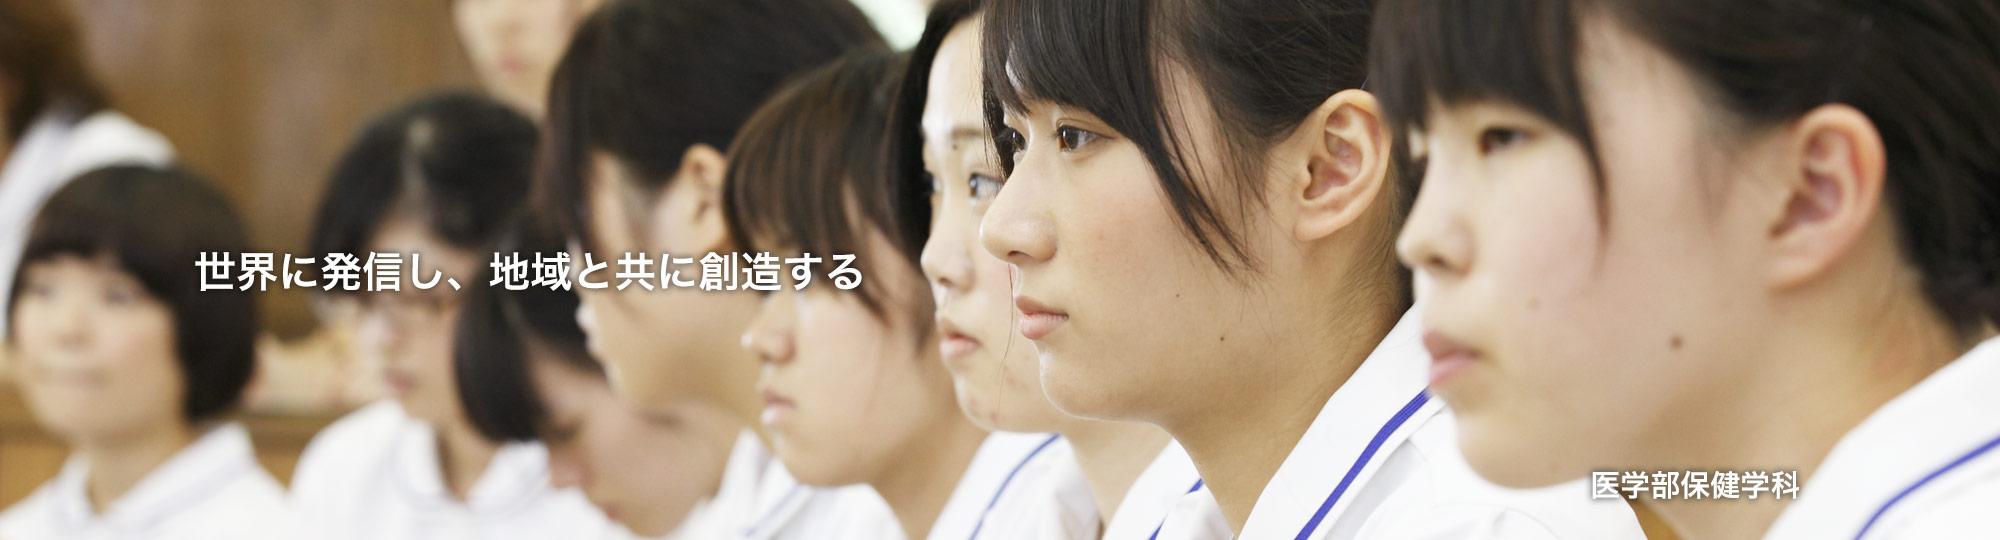 弘前大学 医学部保健学科